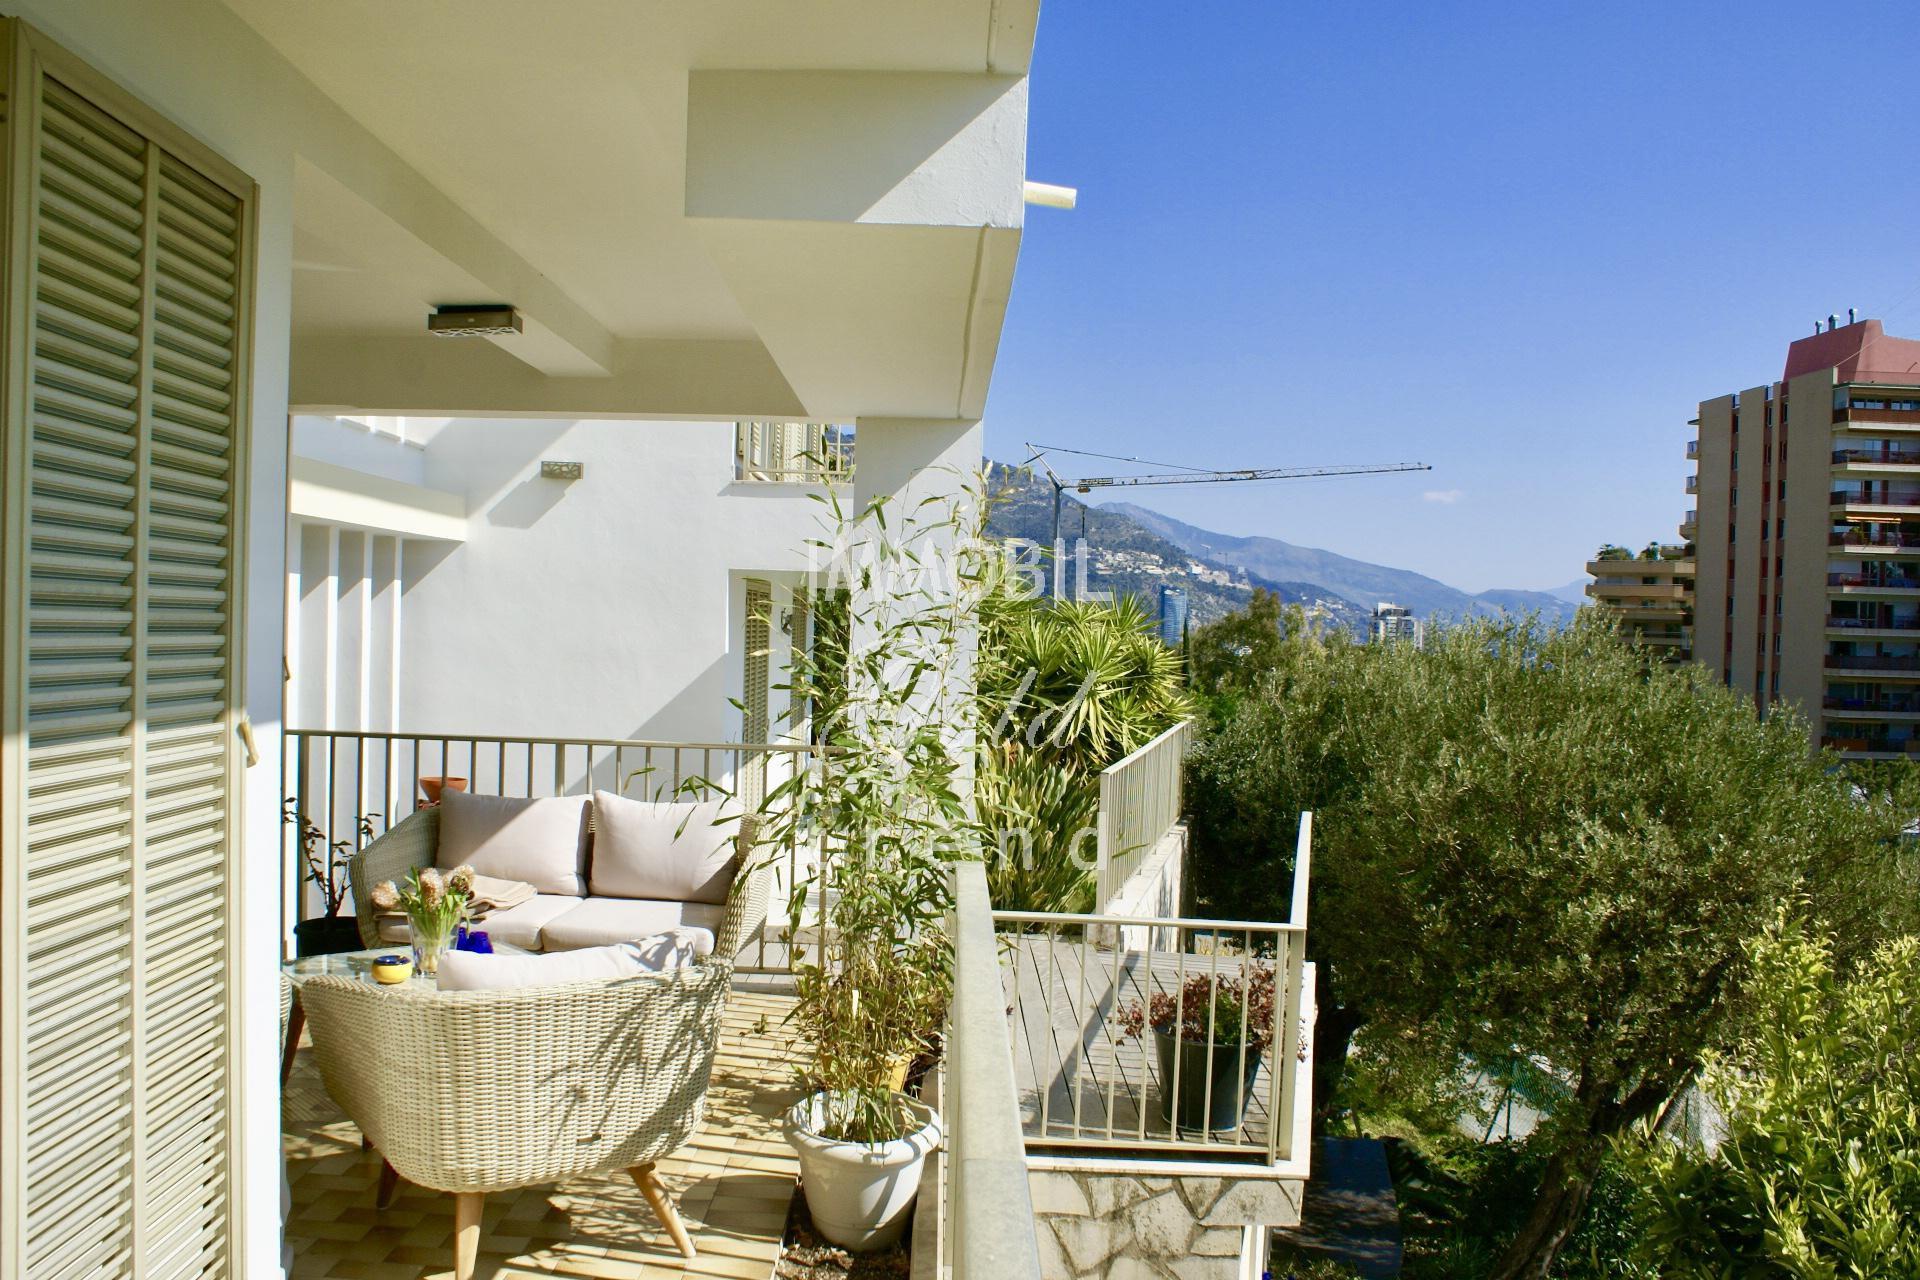 Immobiliare confine Monaco - In vendita, grande casa con notevole potenziale, grandi terrazzi e vista mare, vicinissima al Principato di Monaco